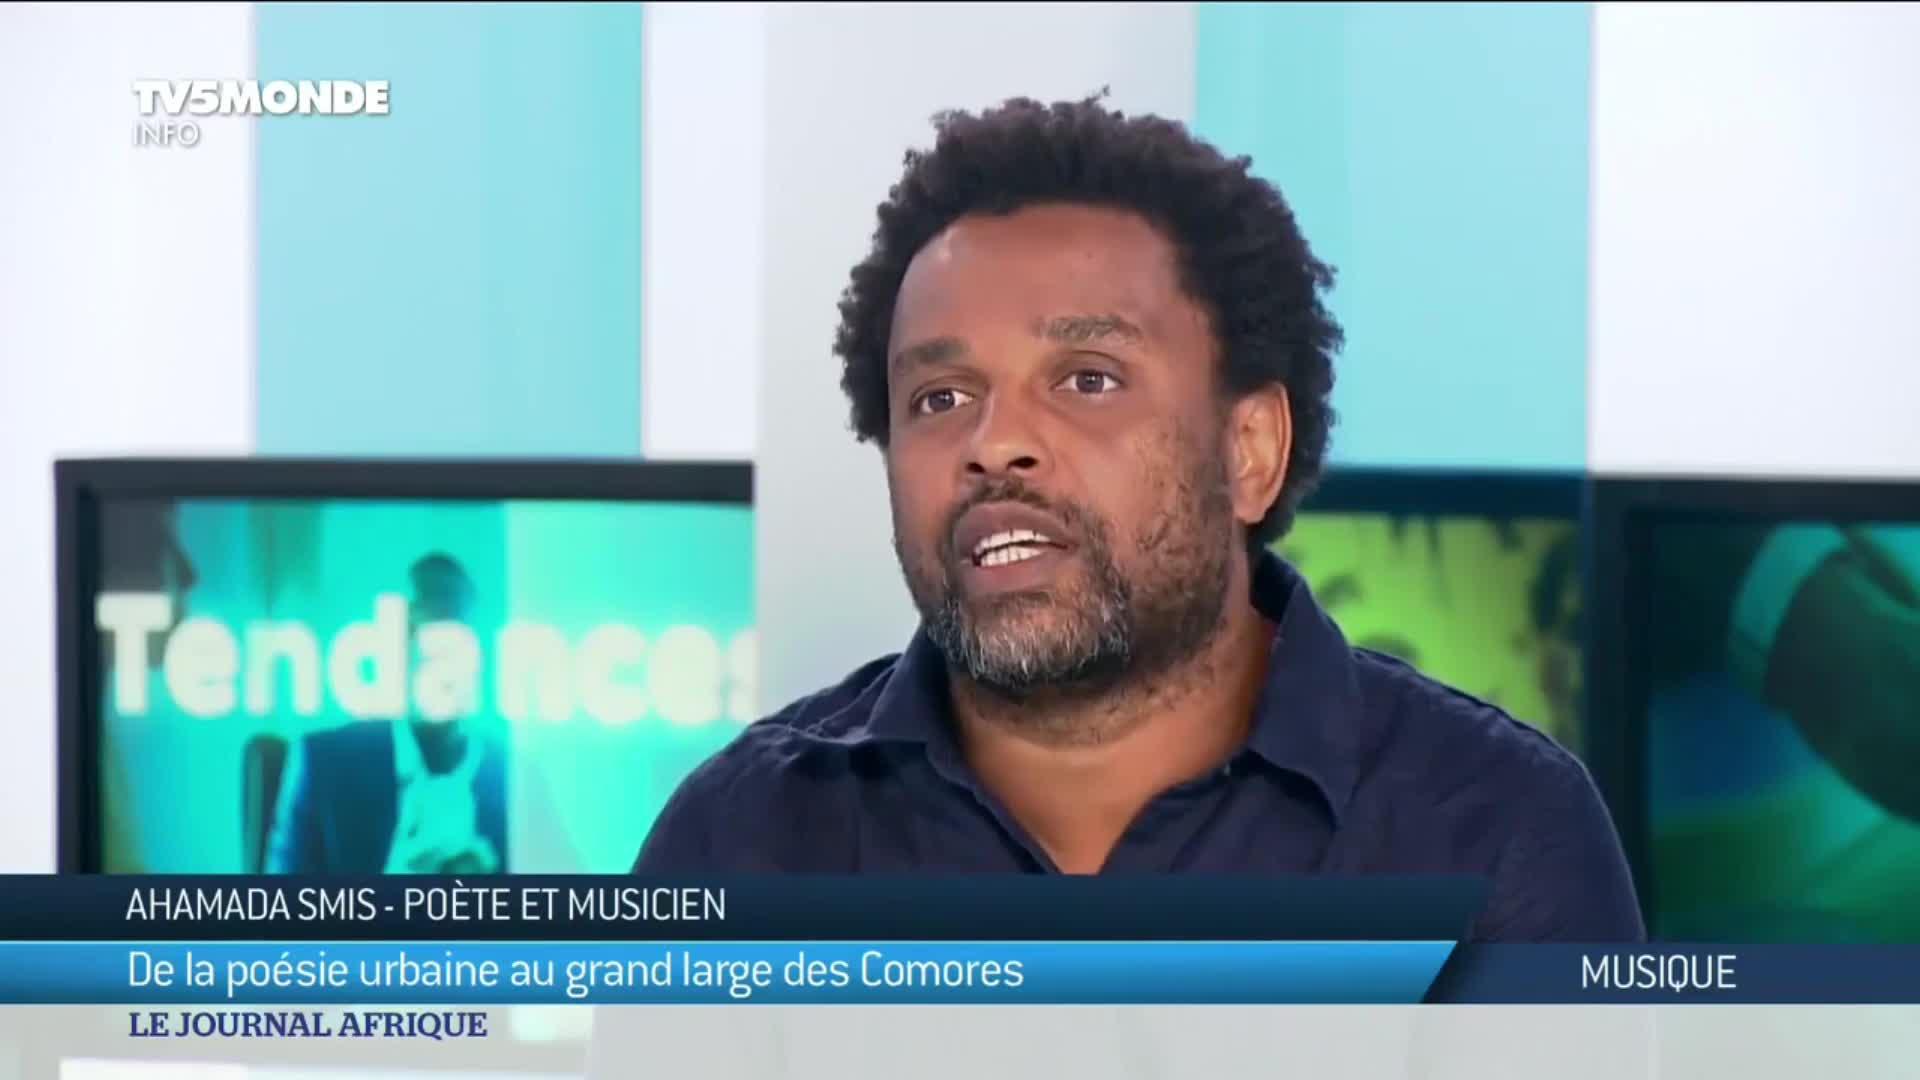 Ahamada Smis, poète urbain des Comores